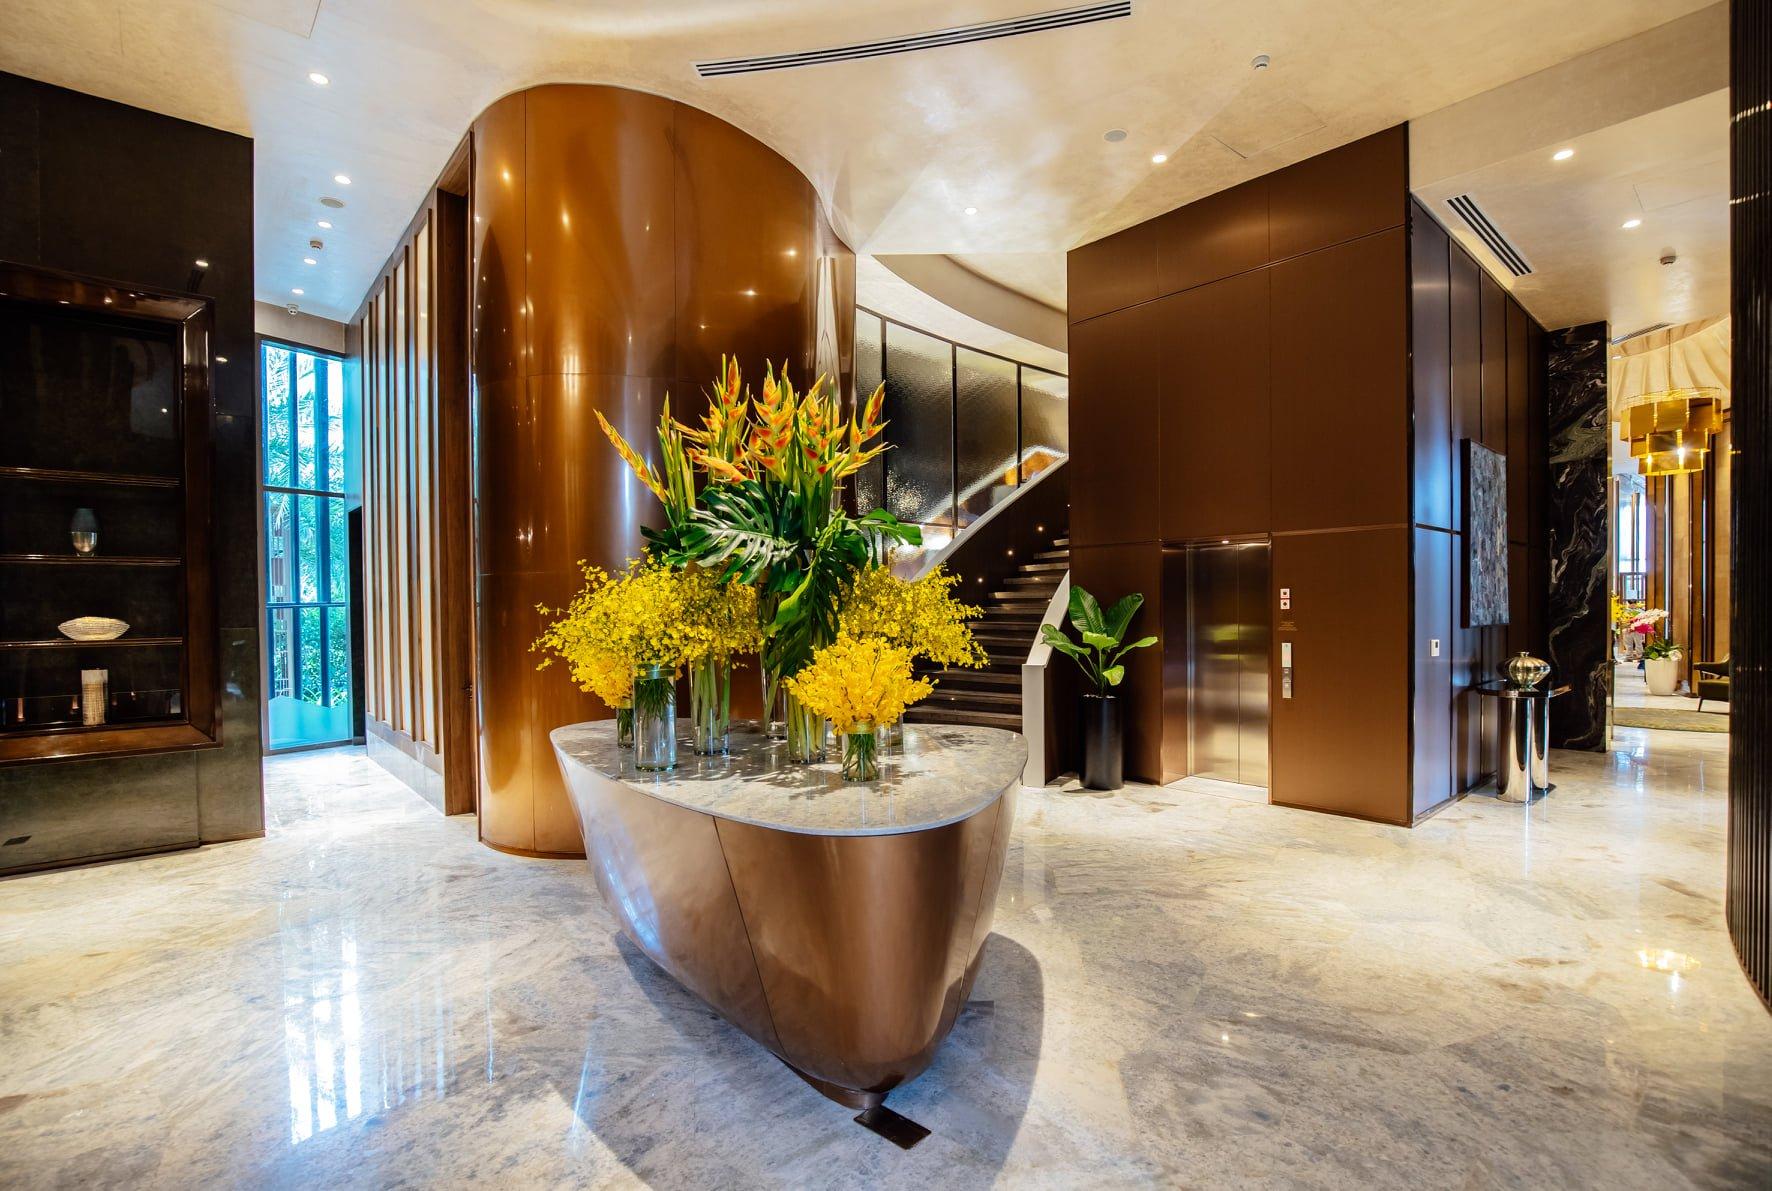 Nhà mẫu dự án Grand Marina Saigon Quận 1 đã bắt đầu đón những vị khách đầu tiên tham quan và trải nghiệm